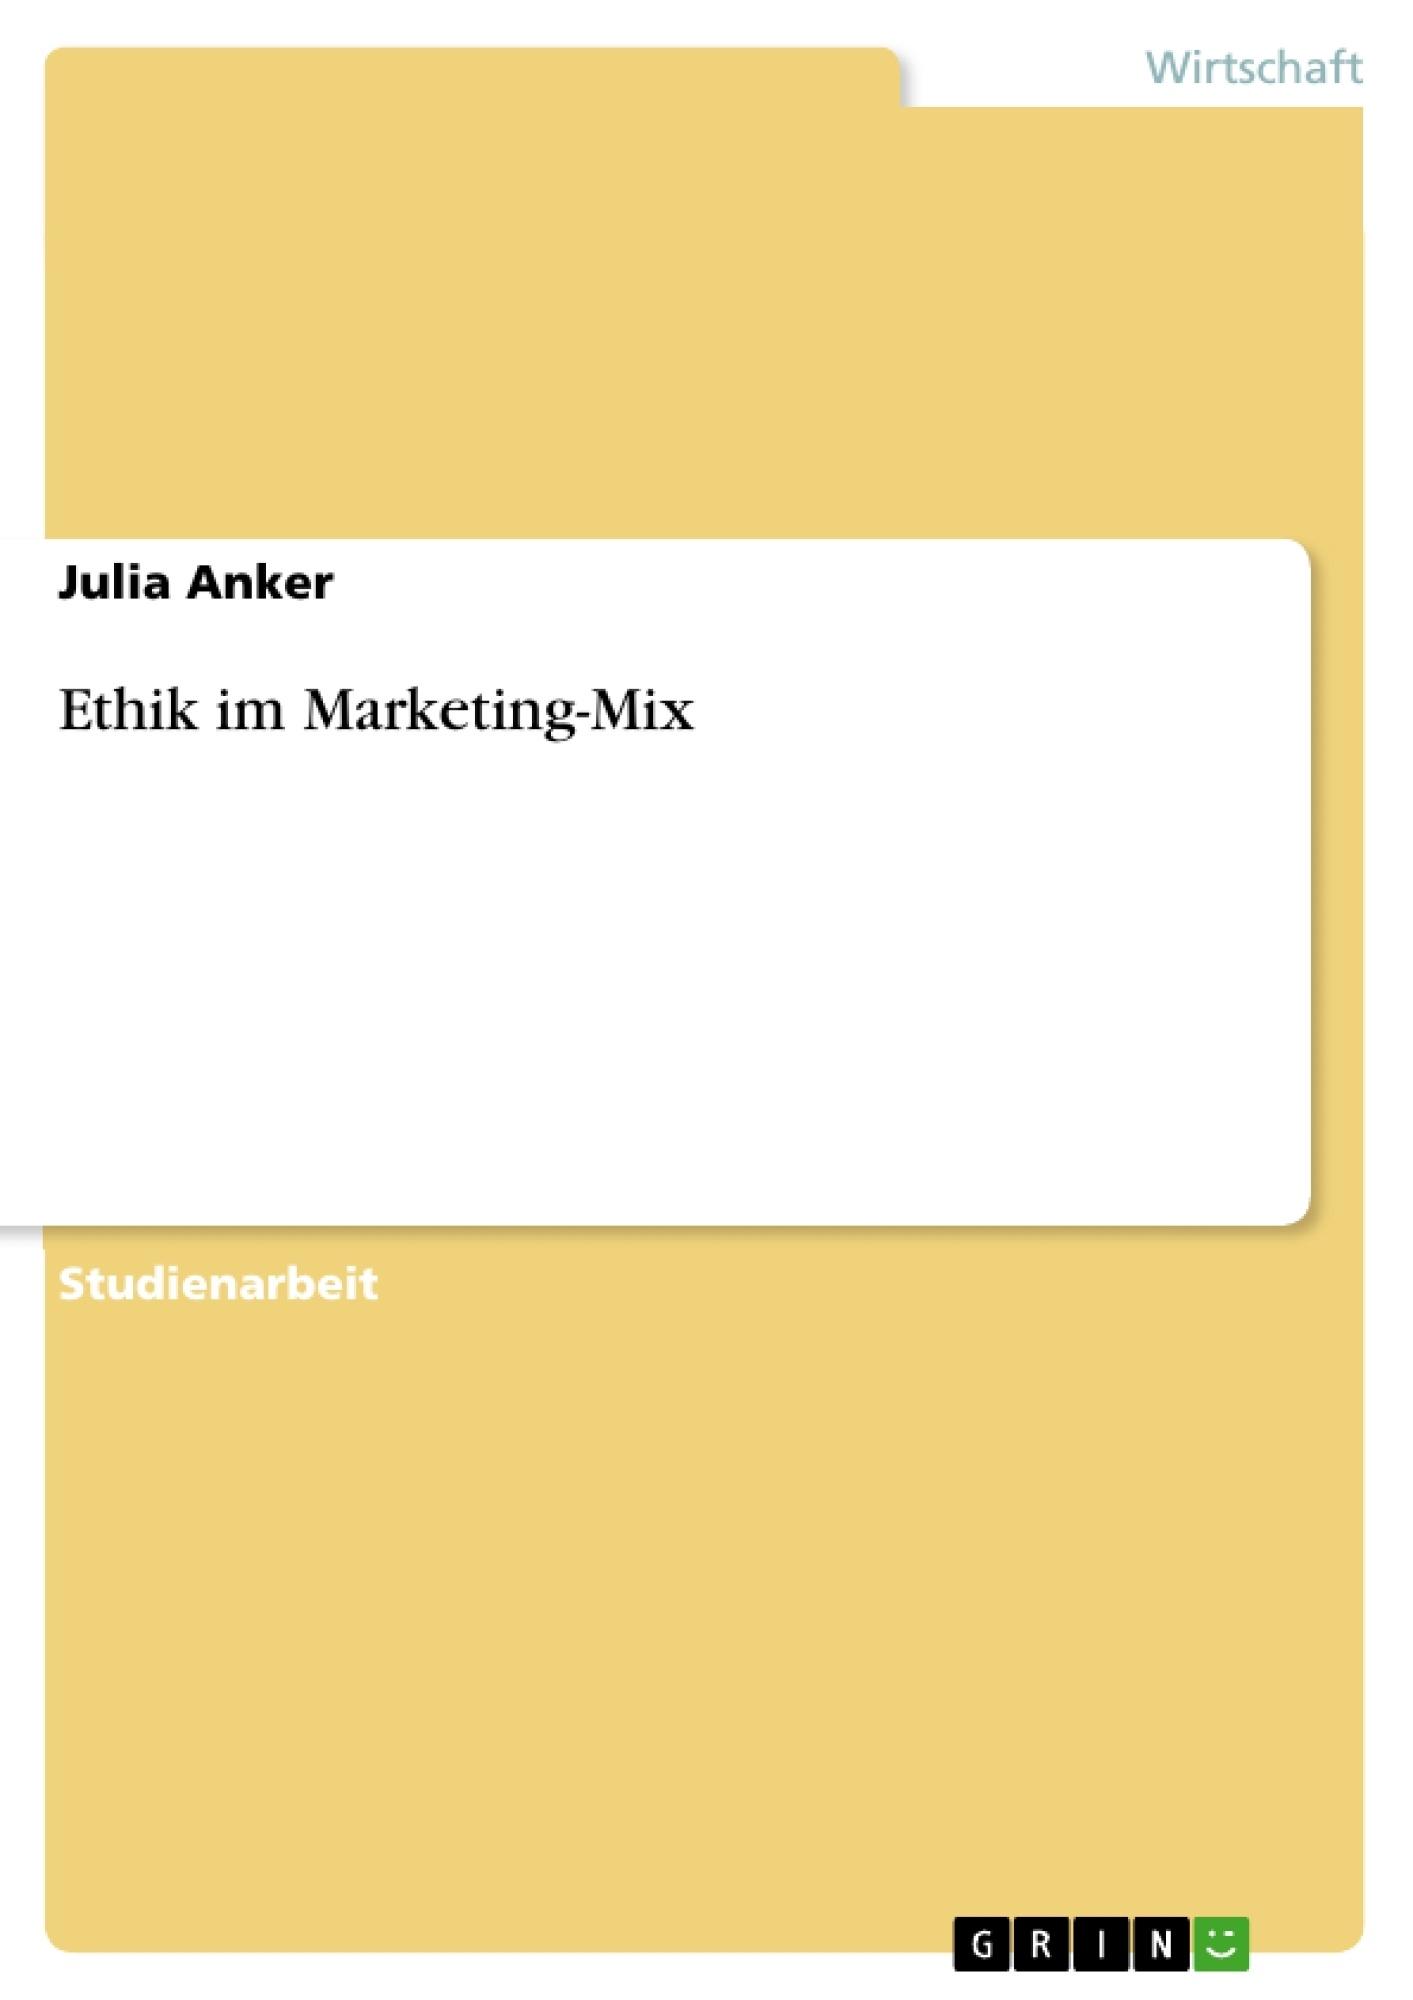 Titel: Ethik im Marketing-Mix